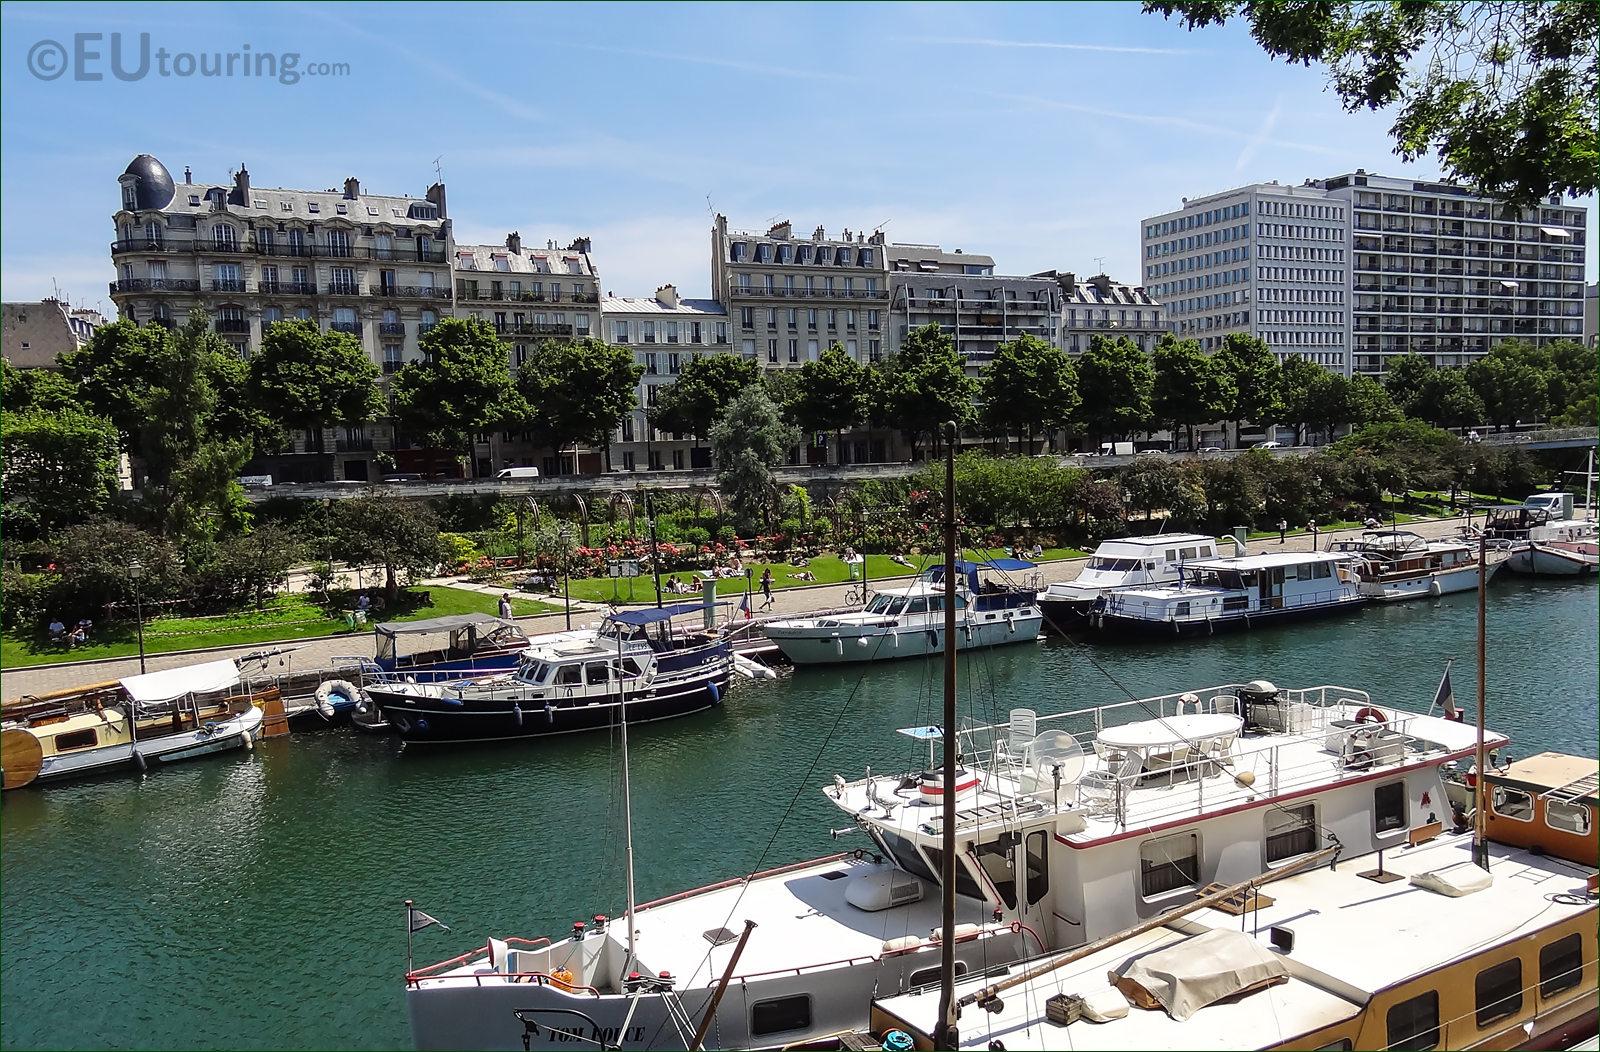 Hd photographs of port de l 39 arsenal in paris france - Port de l arsenal bastille ...